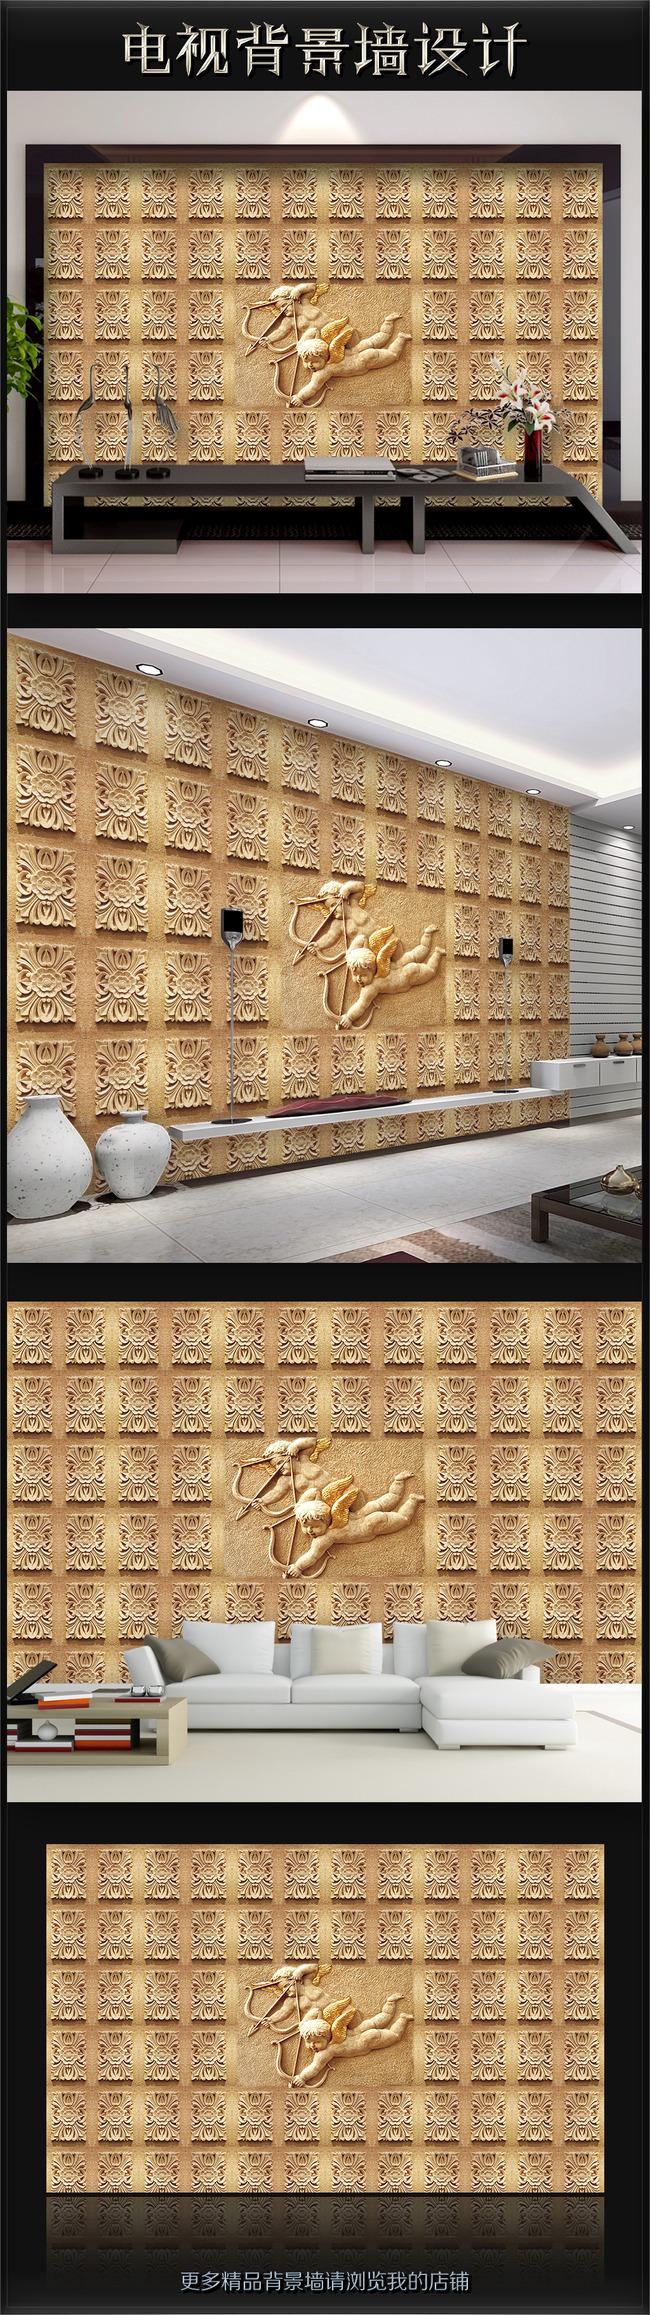 【】欧式丘比特砂岩电视背景墙浮雕壁画